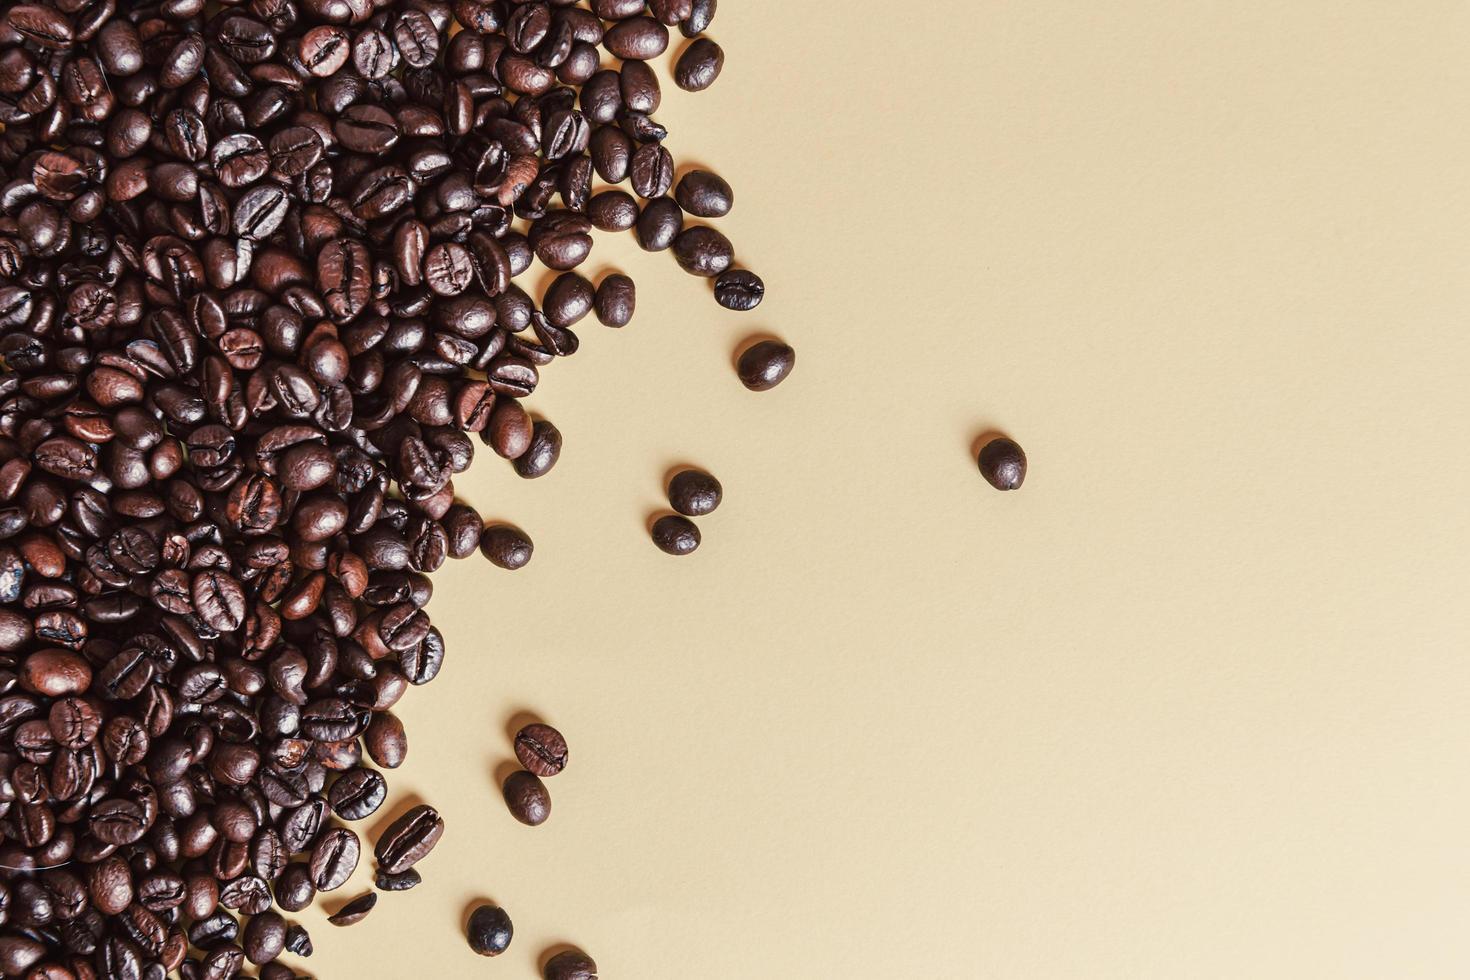 Grains de café torréfiés sur fond uni photo